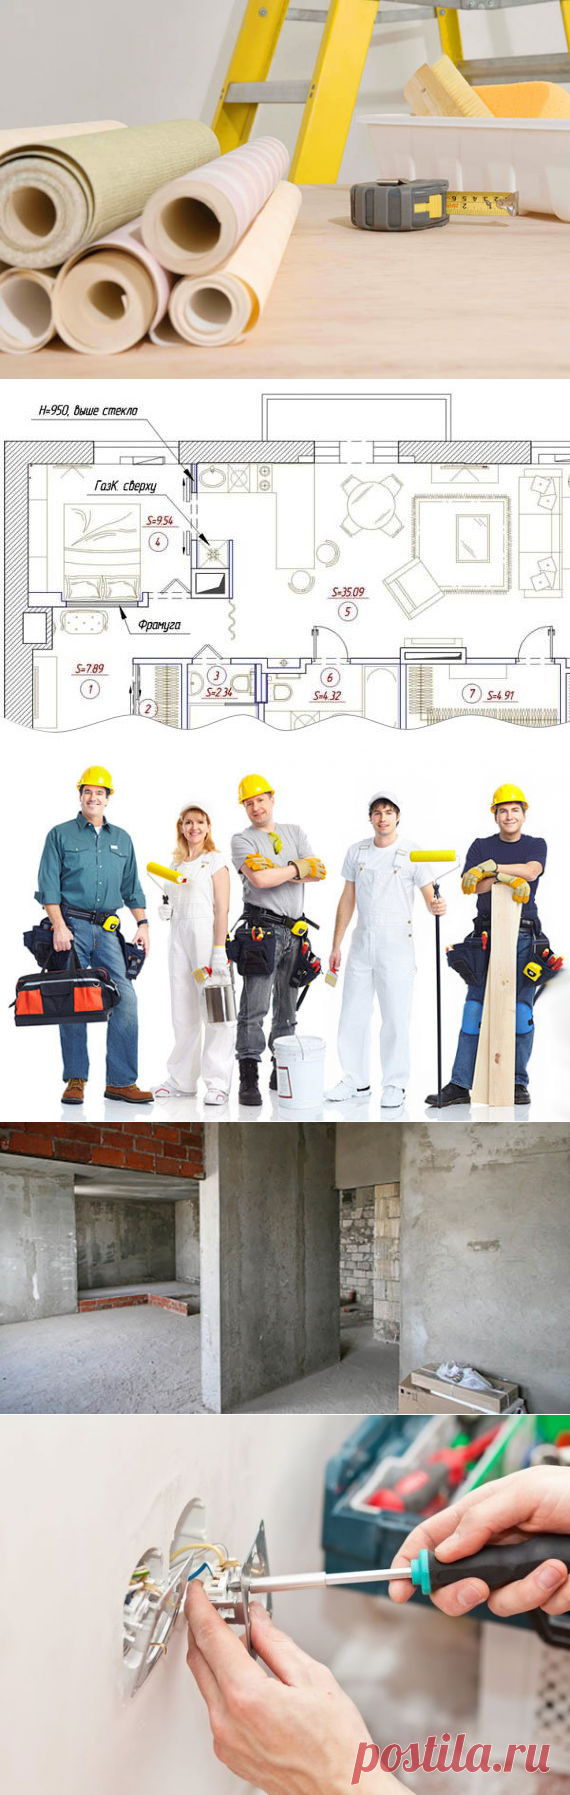 Хронология ремонта: в какой последовательности выполняются работы   Свежие идеи дизайна интерьеров, декора, архитектуры на InMyRoom.ru